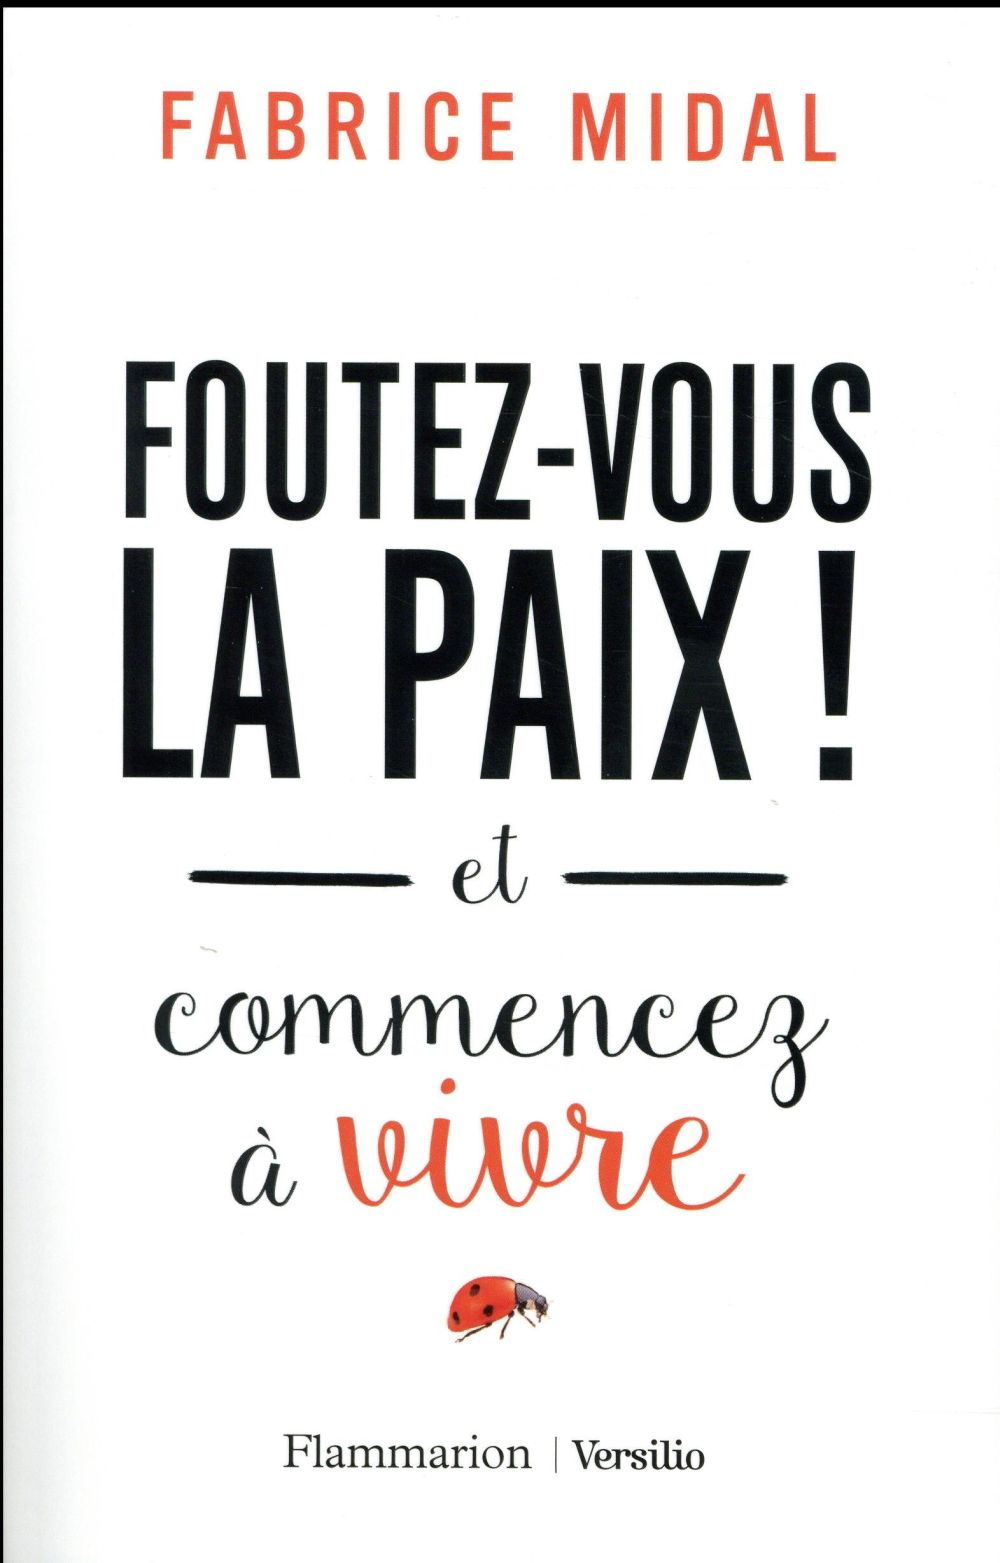 Midal Fabrice - FOUTEZ-VOUS LA PAIX